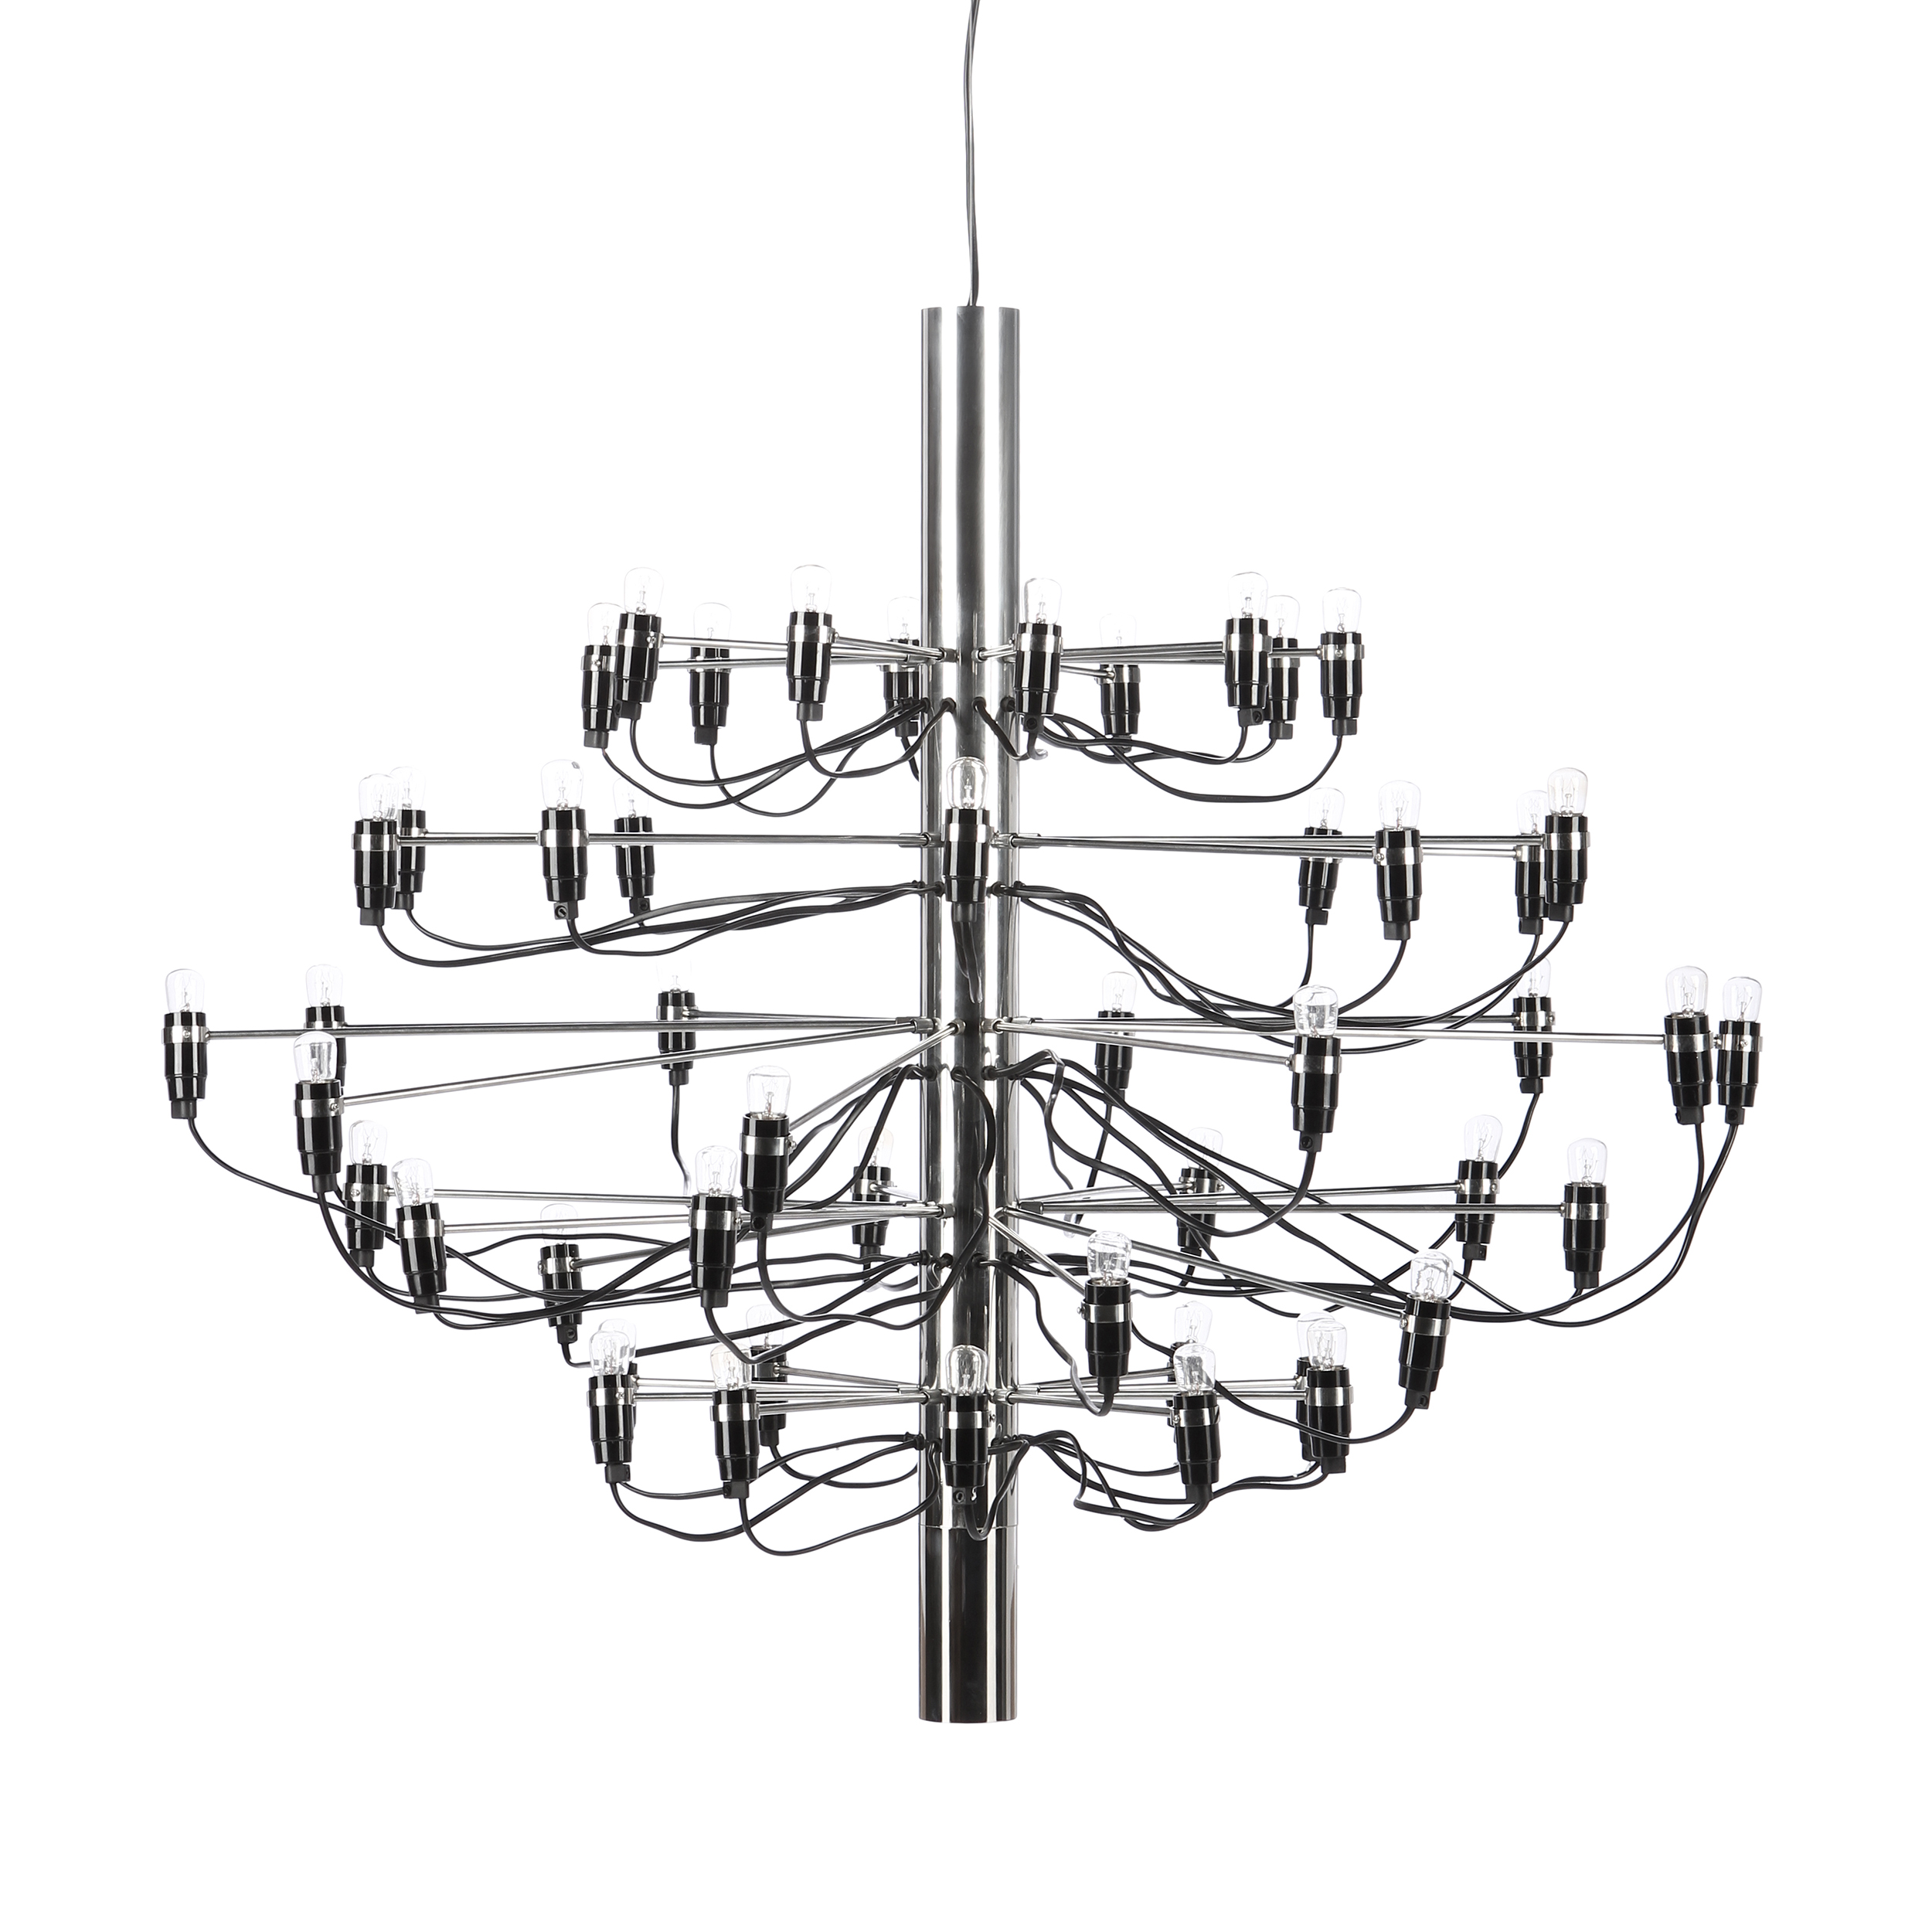 Подвесной светильник Model 2097 50 лампПодвесные<br>Подвесной светильник Model 2097 50 ламп — одна из самых популярных и лучших работ известного итальянского дизайнера Джино Сарфатти. Его называют отцом итальянского светодизайна. За свою долгую жизнь он удостоился множества наград, дважды — премии Compasso dOro, или «Золотой циркуль», в 1954 и 1955 годах.<br><br><br> Подвесной светильник Model 2097 50 ламп создан Джино Сарфатти в 1958 году, но его облик и сегодня считается ультрасовременным, неустаревающим, модным. Целей у именитого итальянца бы...<br><br>stock: 7<br>Высота: 88<br>Диаметр: 100<br>Длина провода: 300<br>Количество ламп: 50<br>Материал абажура: Сталь<br>Мощность лампы: 15<br>Ламп в комплекте: Да<br>Напряжение: 220-240<br>Тип лампы/цоколь: E14<br>Цвет абажура: Сталь<br>Цвет провода: Черный